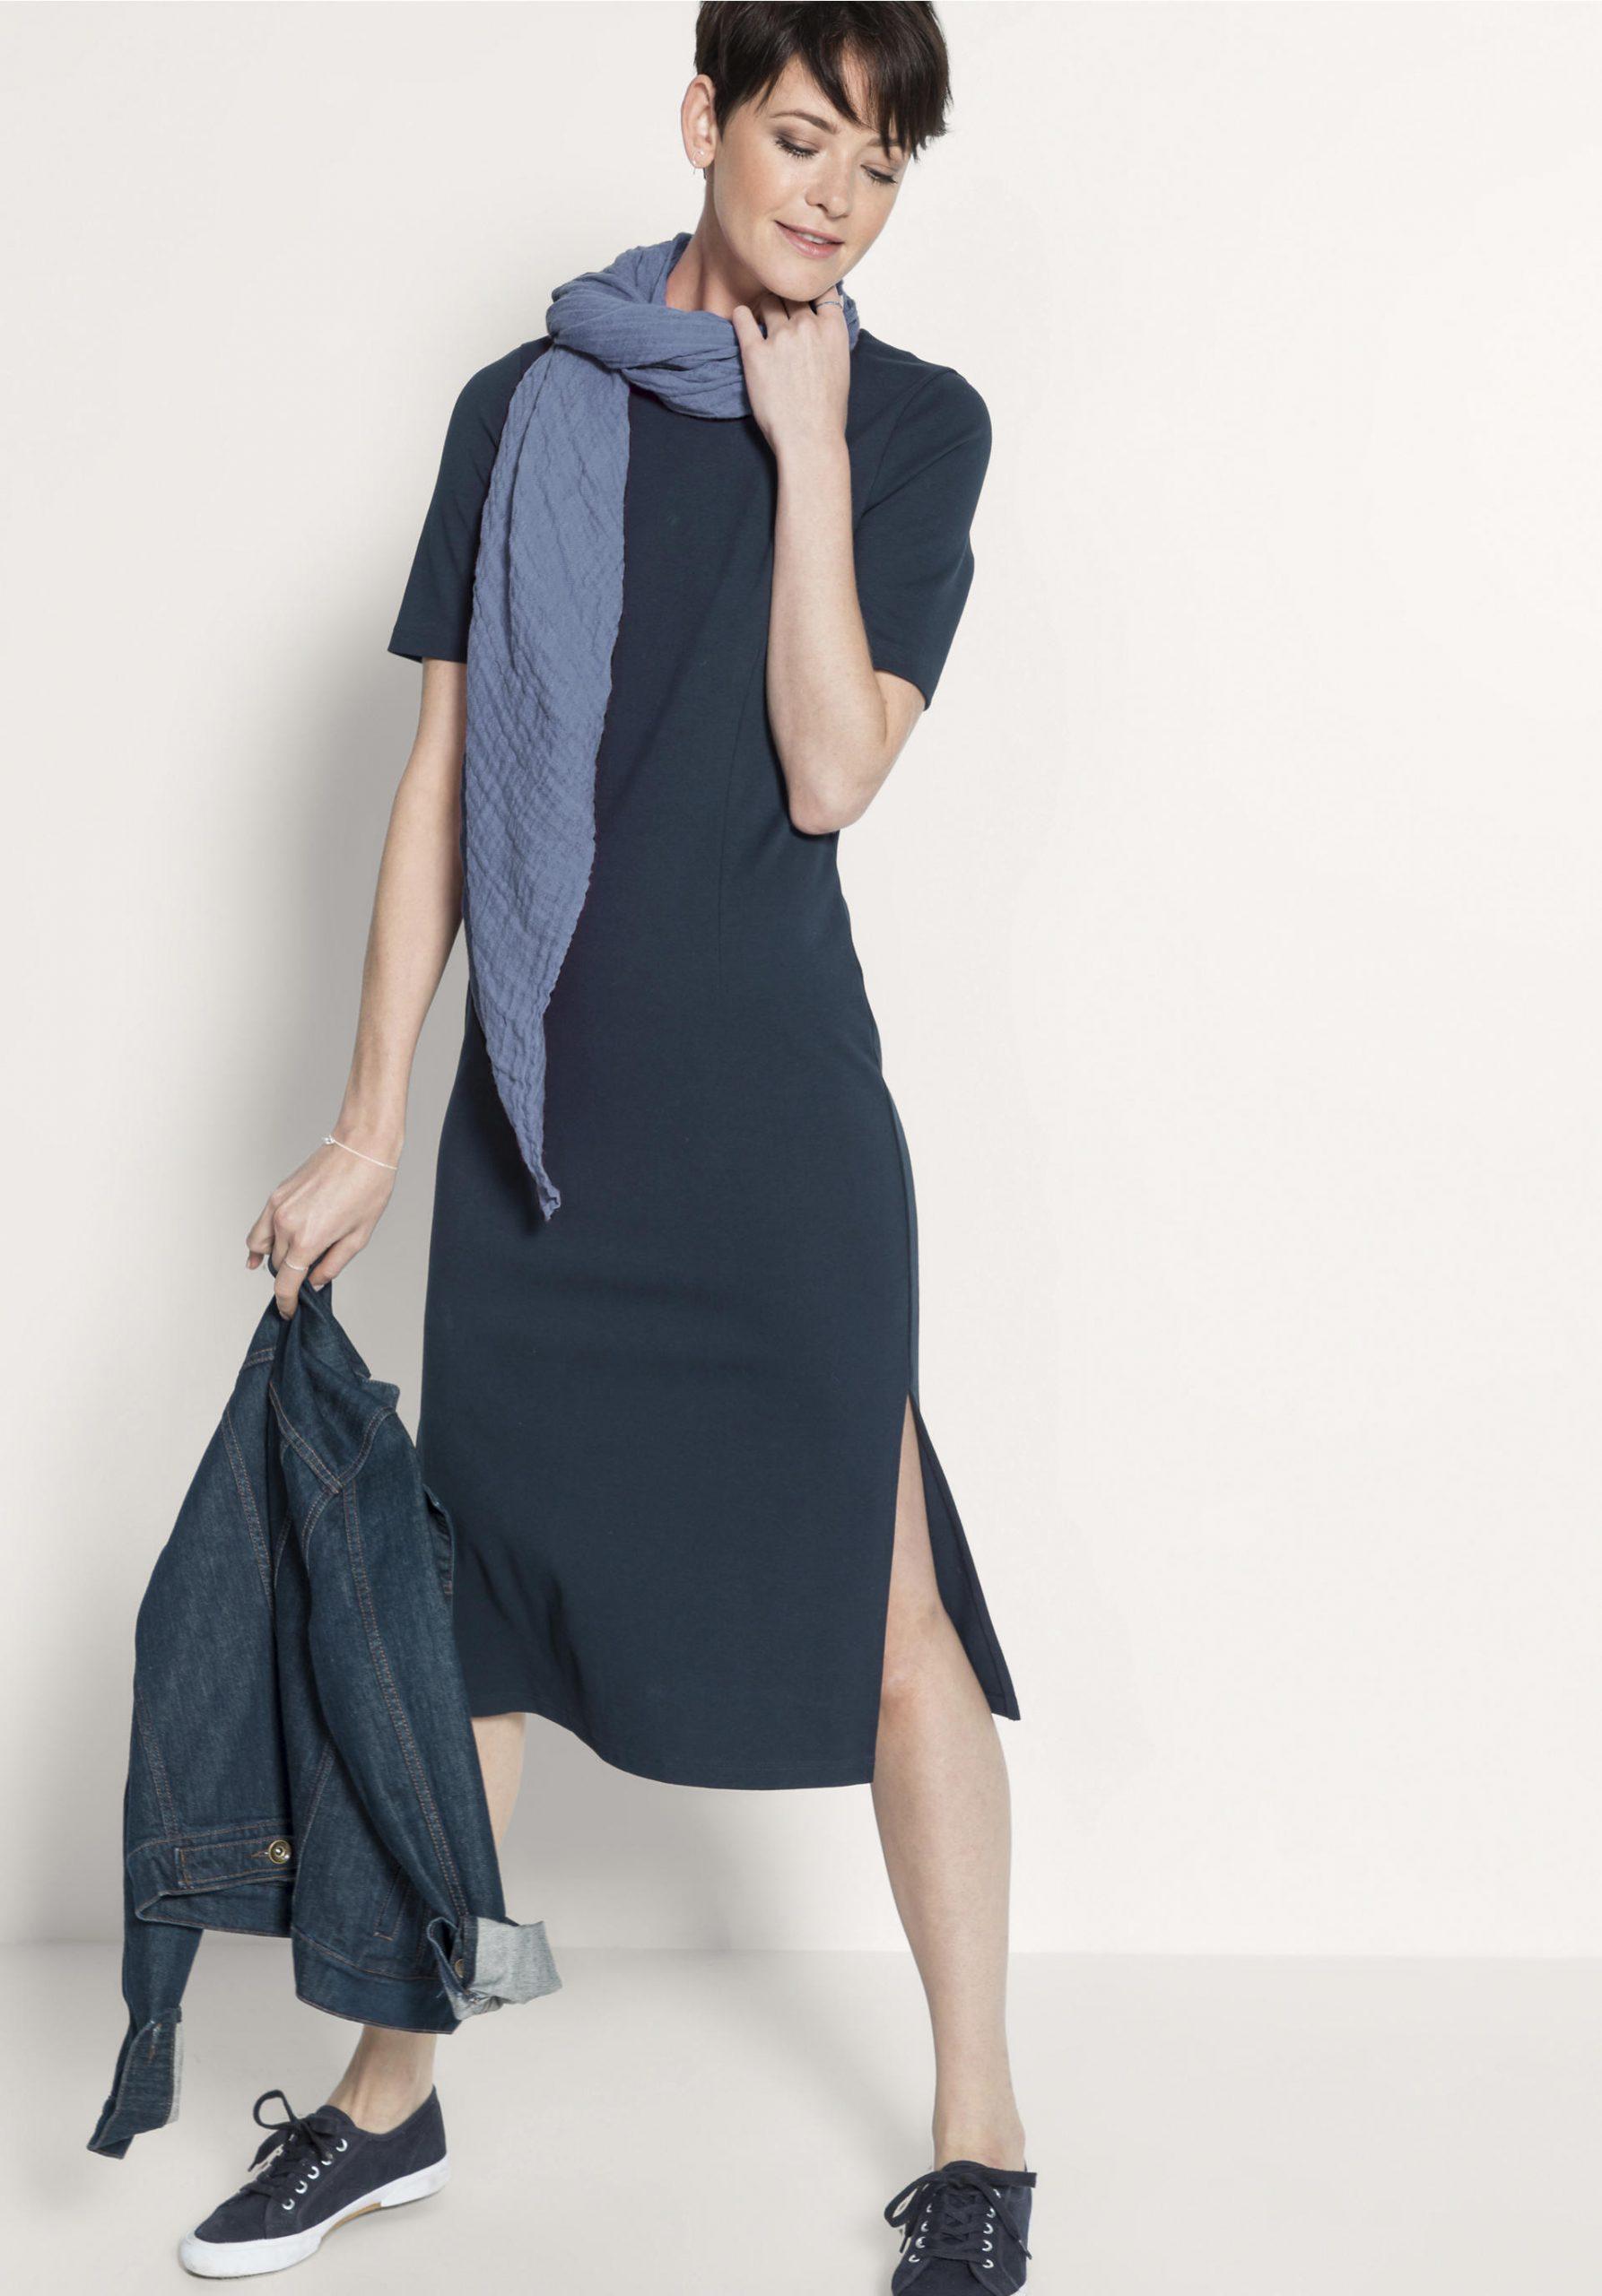 Top Kleid Kniebedeckt Spezialgebiet17 Genial Kleid Kniebedeckt für 2019